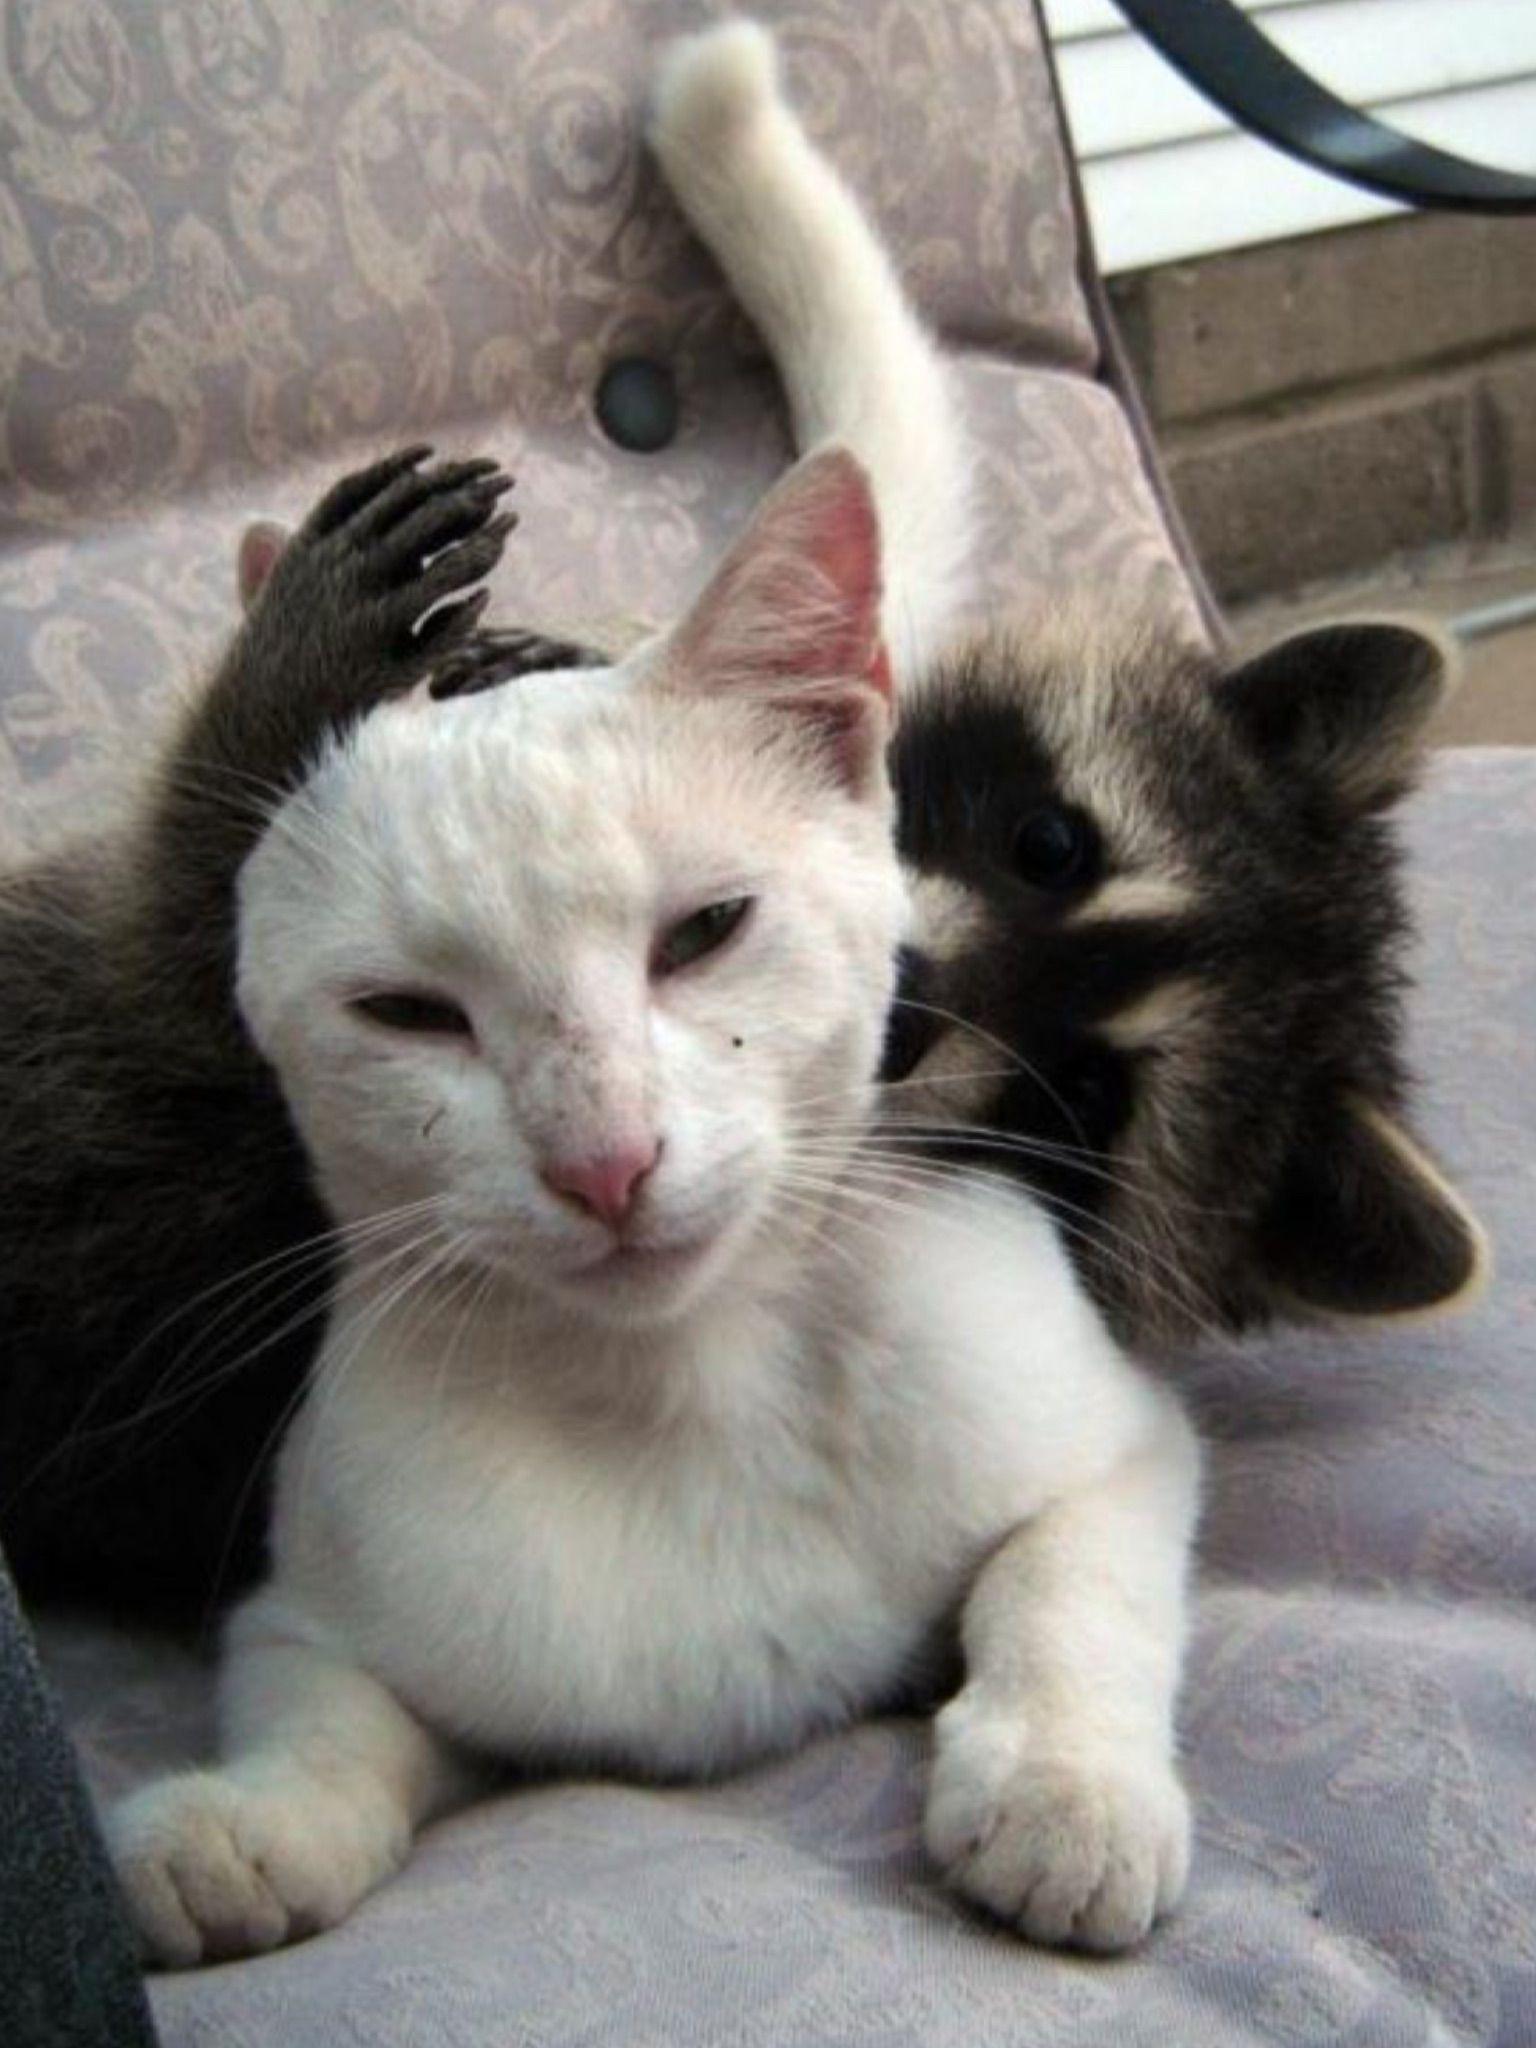 Idea By Cristy Clarke On Me And My Bestie (Animal Friends